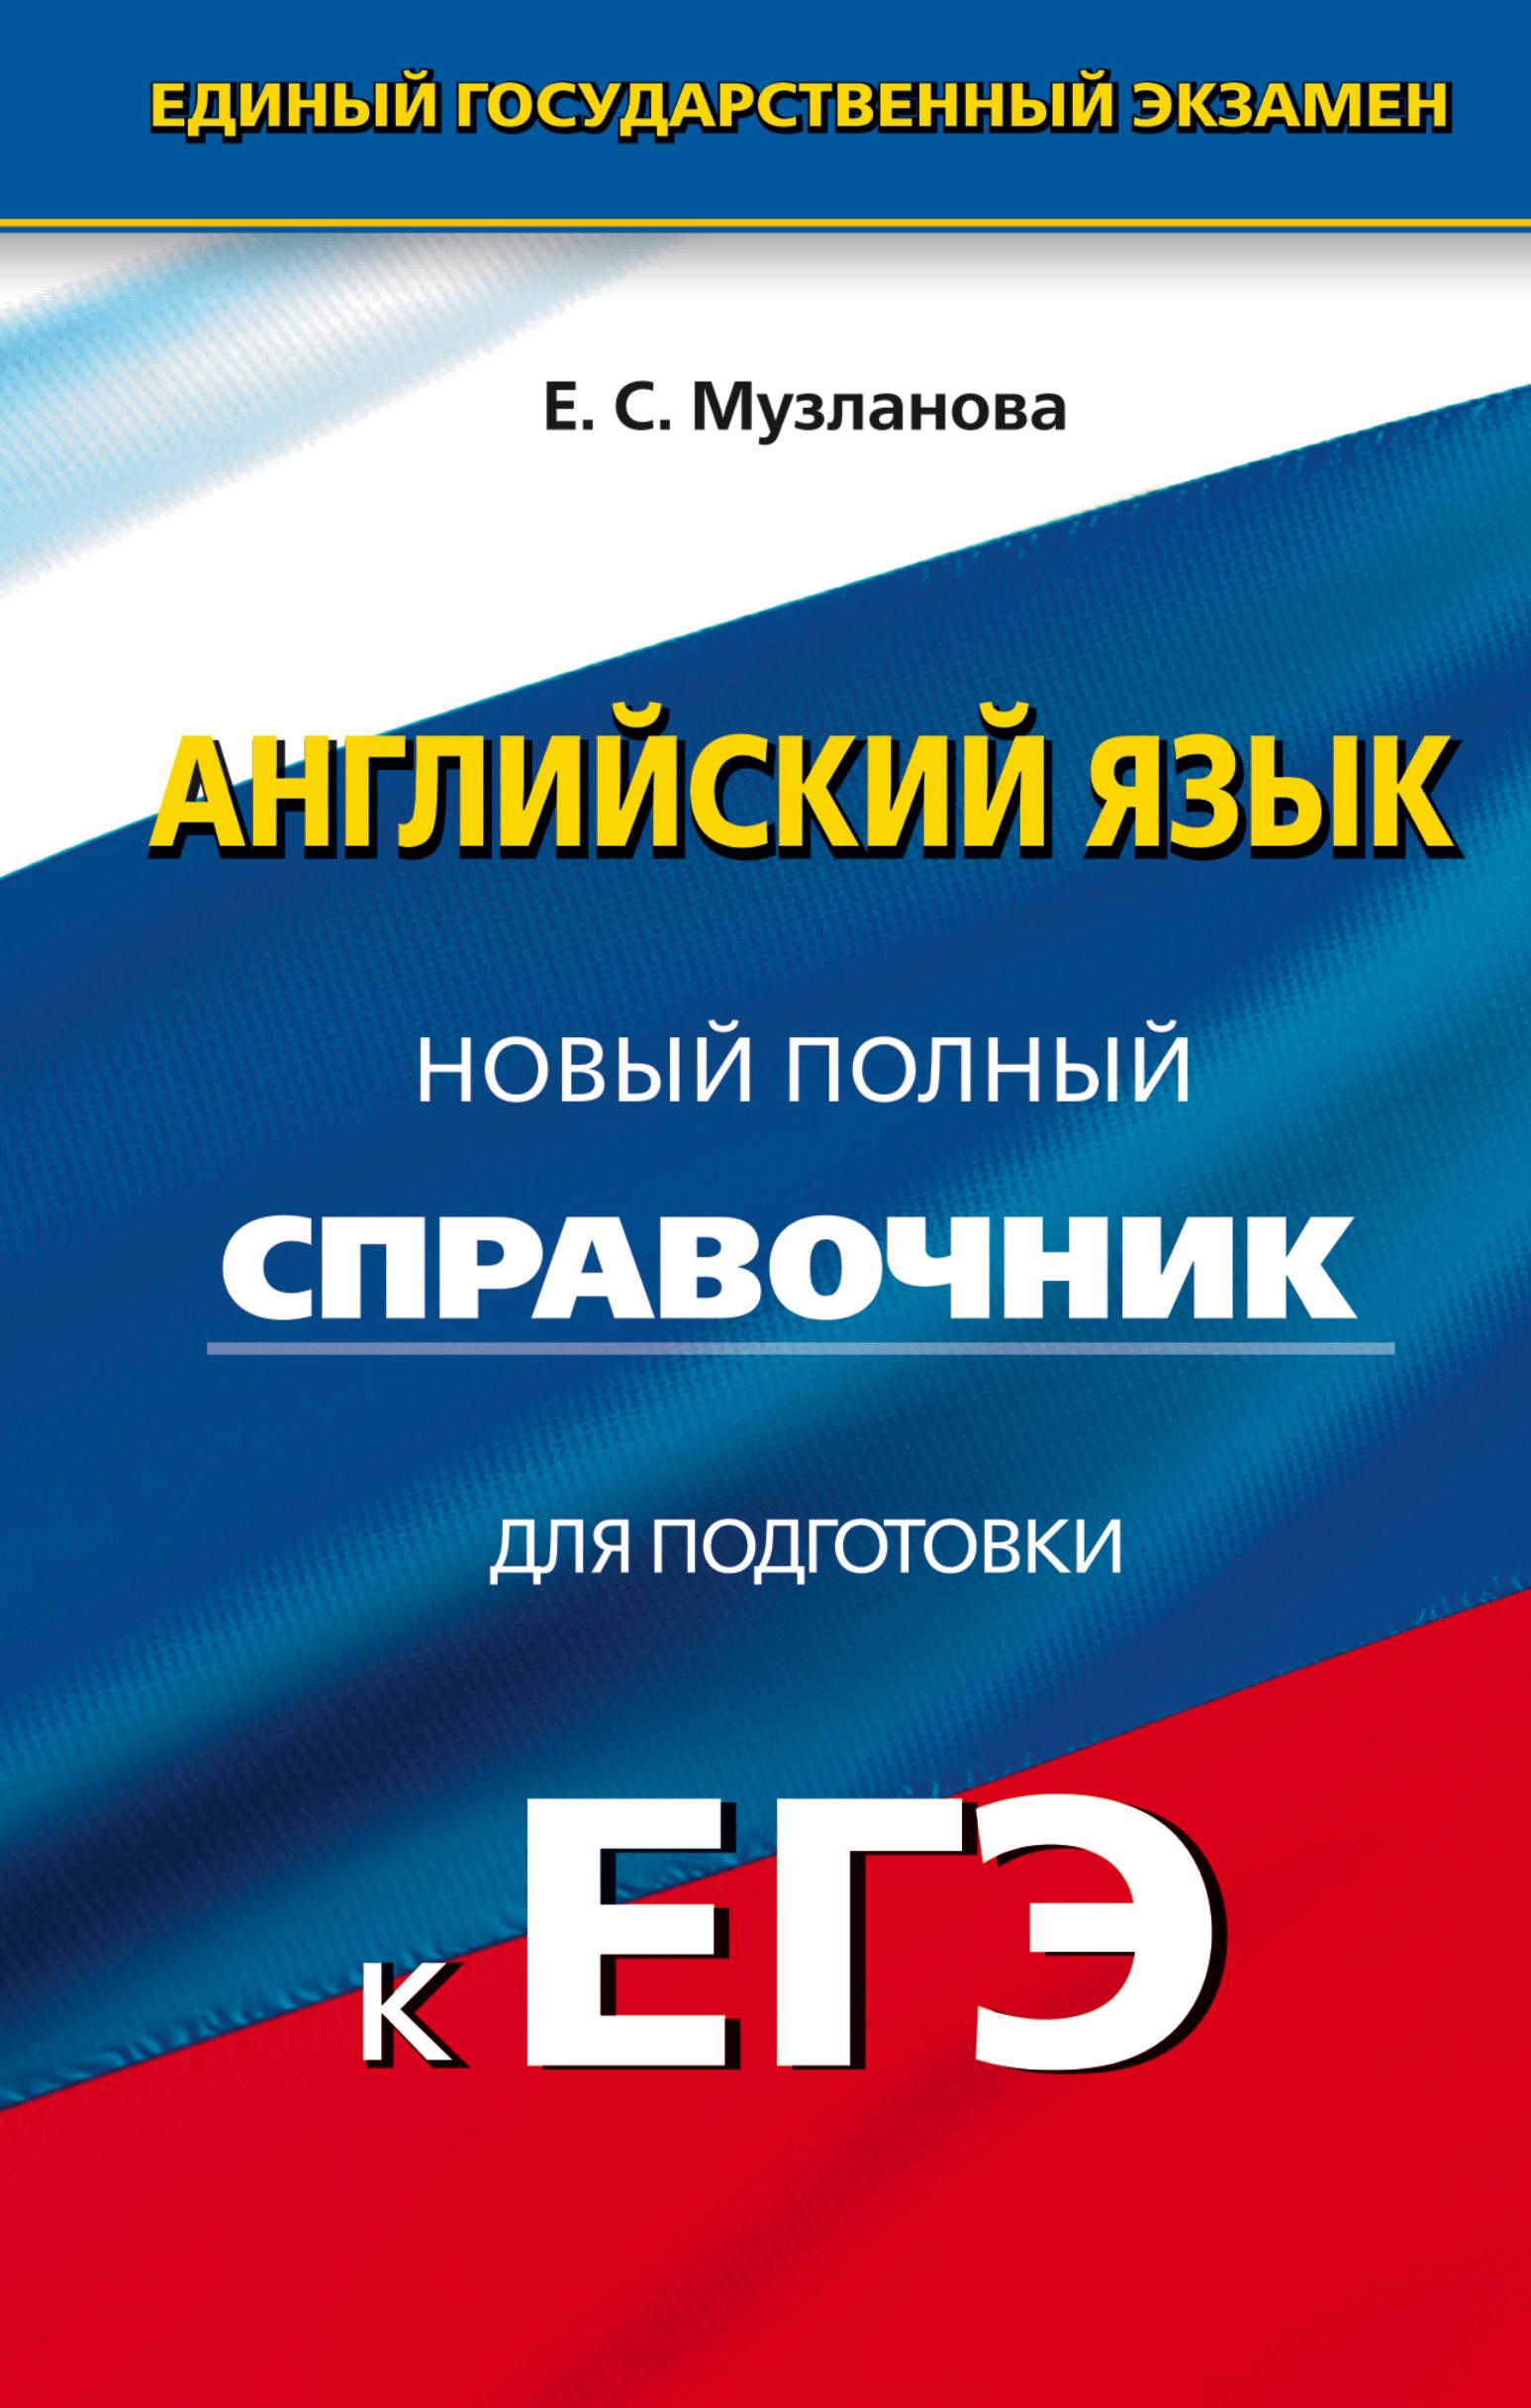 ЕГЭ. Английский язык. Новый полный справочник для подготовки к ЕГЭ ( Музланова Е.С.  )